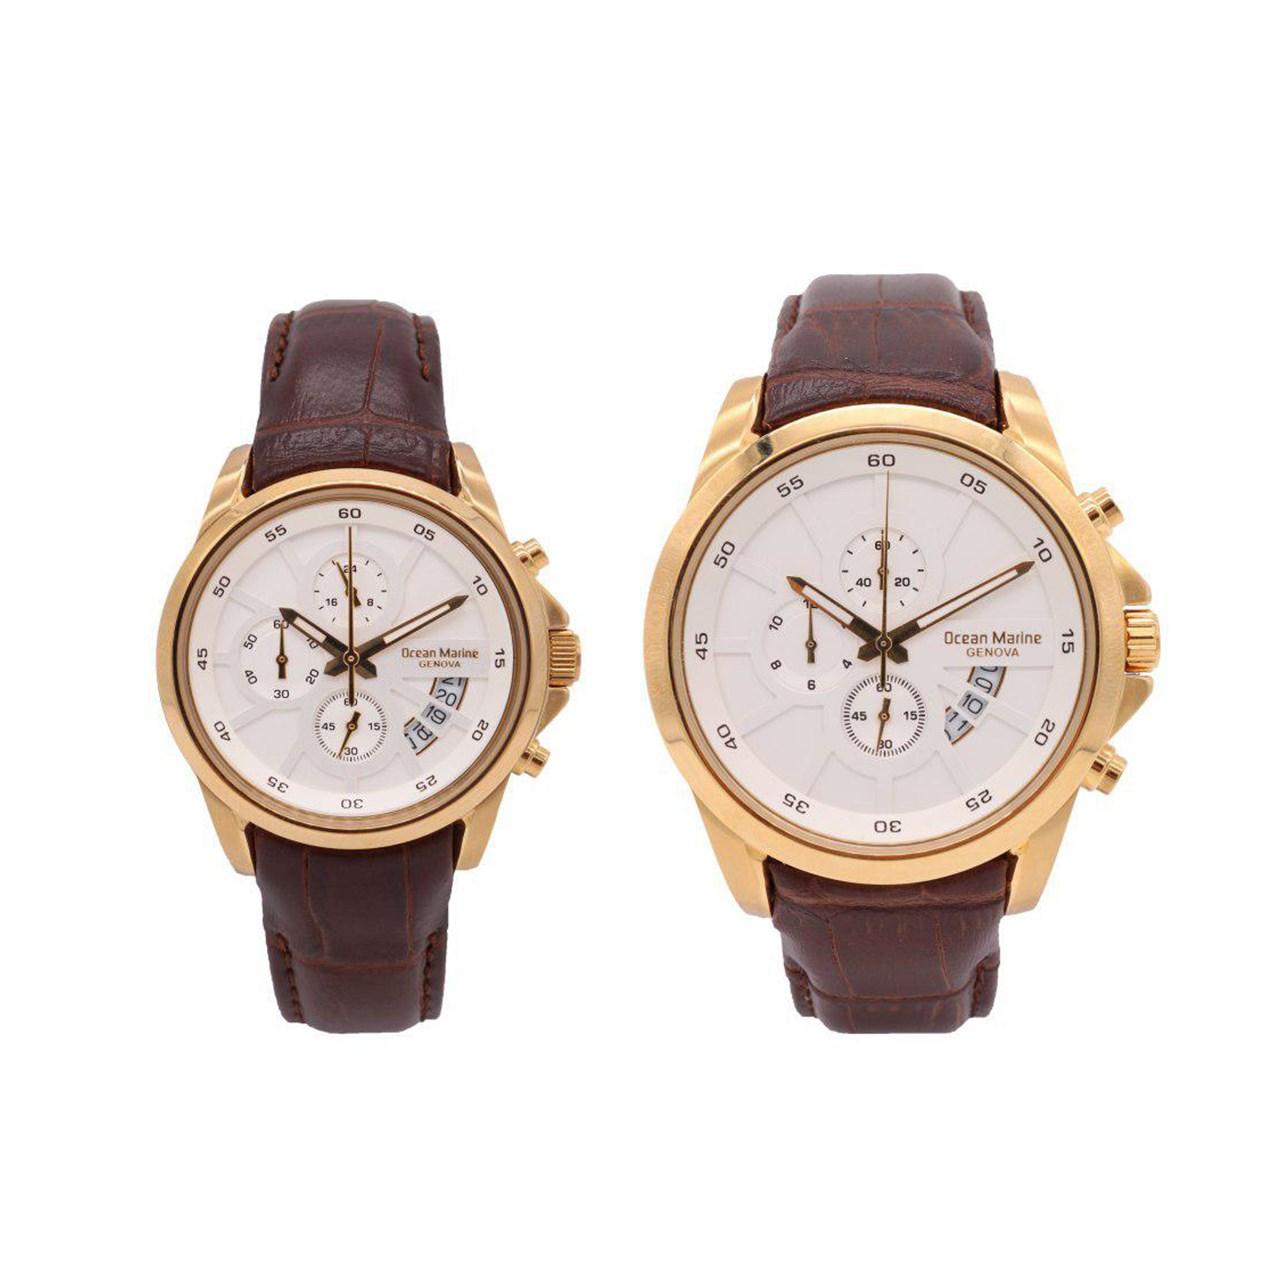 ساعت ست مردانه و زنانه اوشن مارین مدل OM-8103L-1 و OM-8103G-1